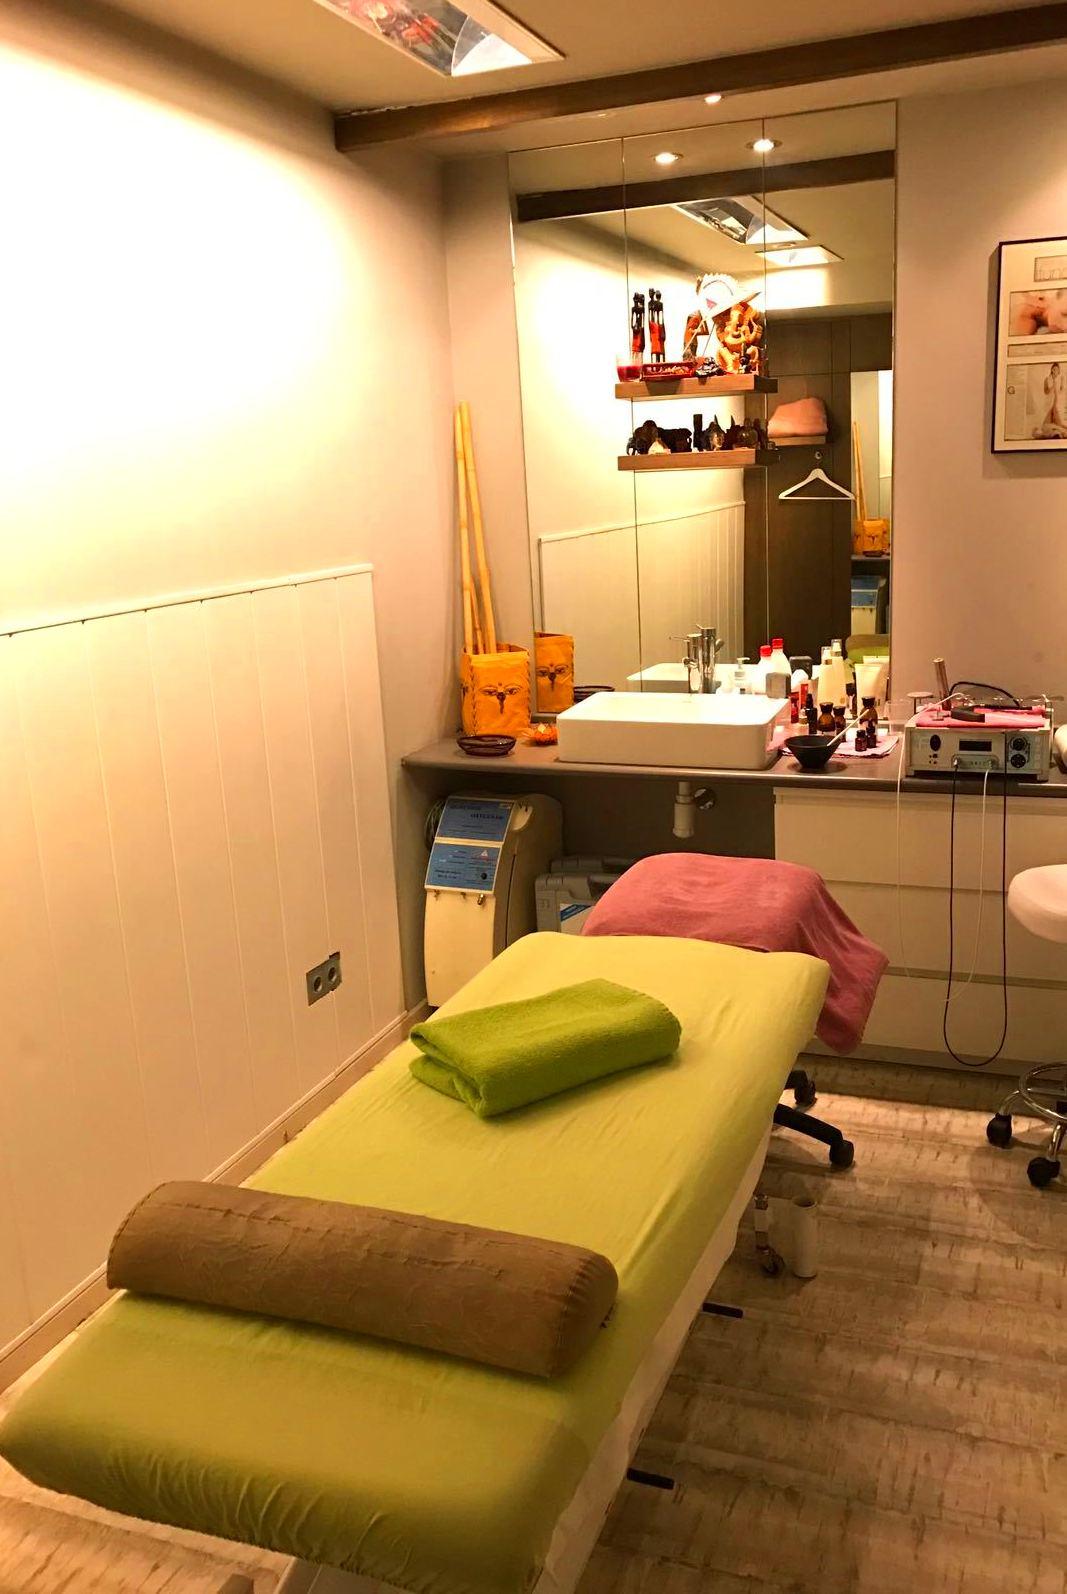 Foto 18 de Efectivos tratamientos de fisioterapia en Madrid | Clínica Fisiopinar